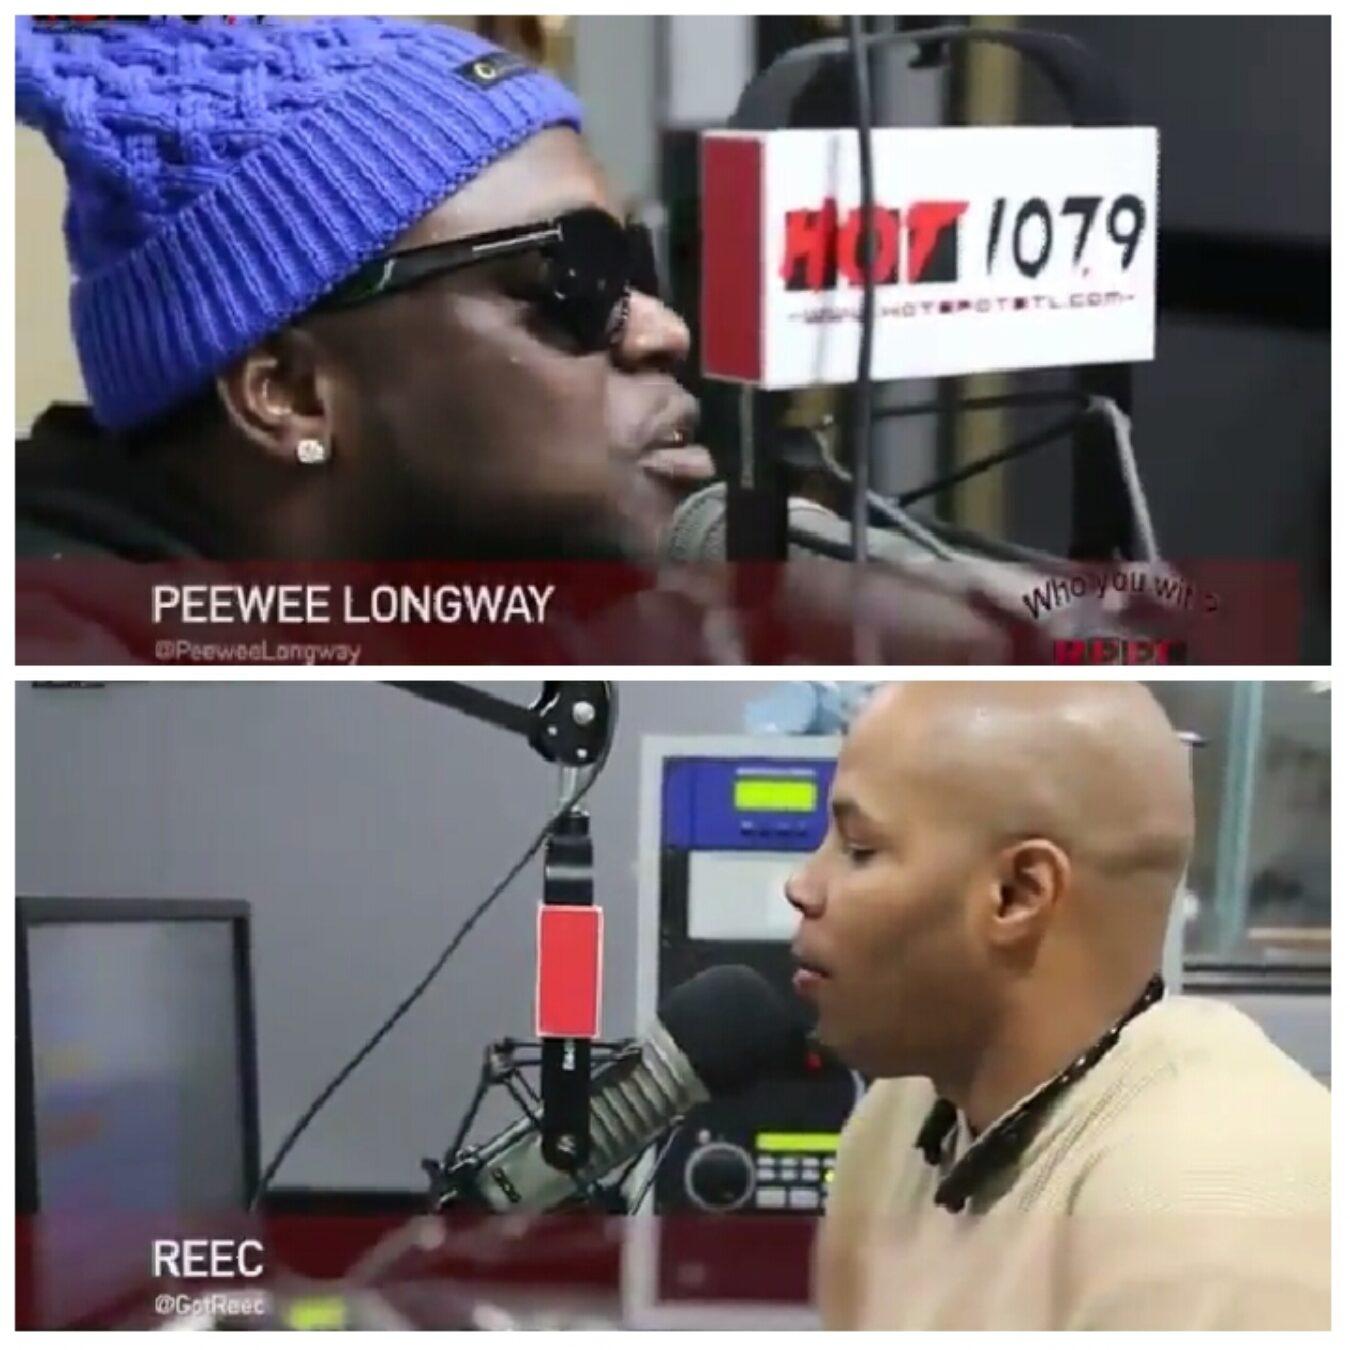 Reec & Peewee Longway